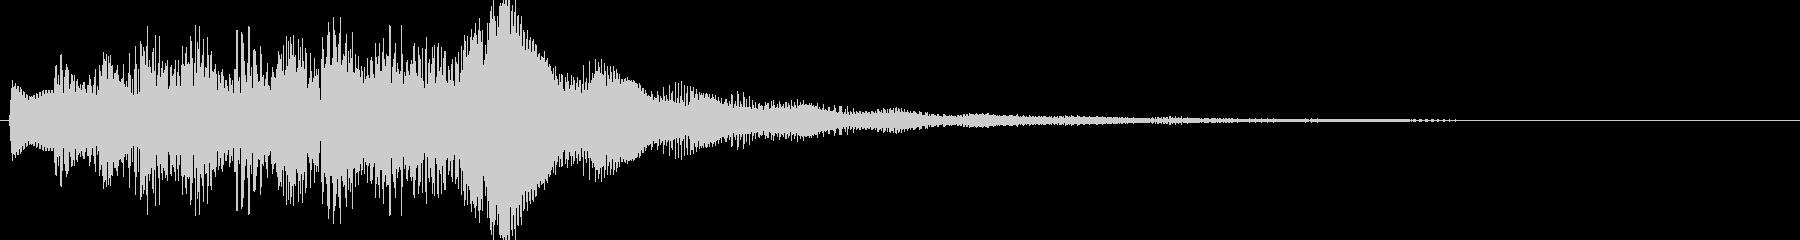 お知らせ・通知に最適なジングル効果音の未再生の波形